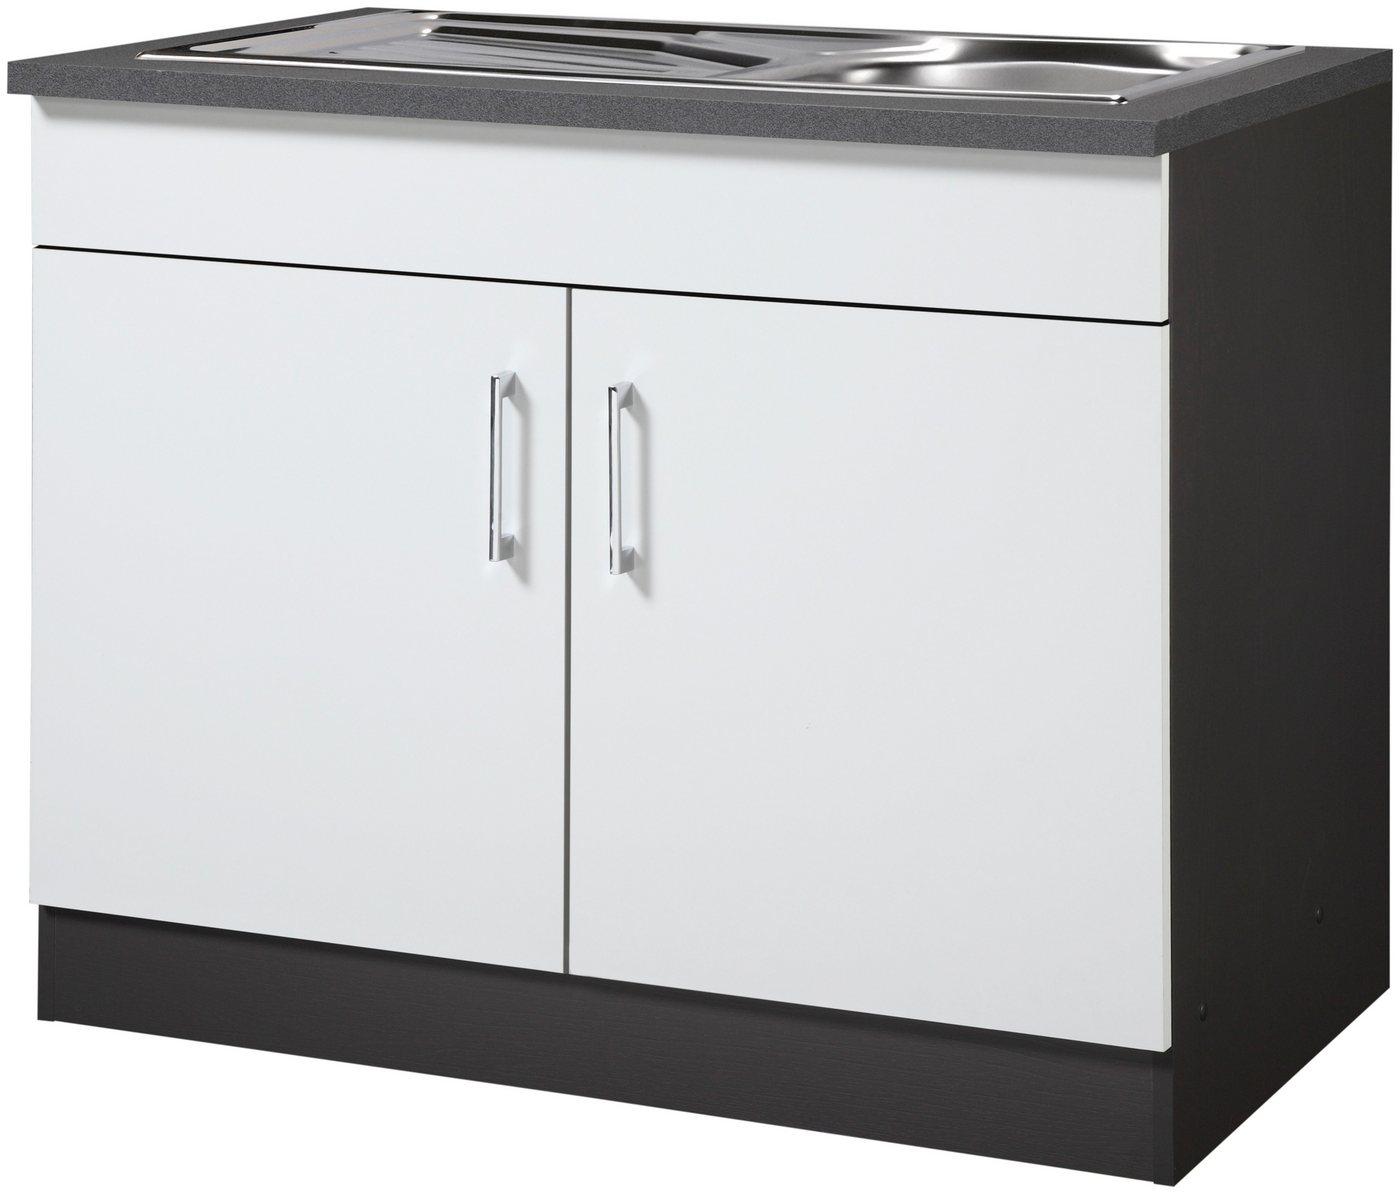 HELD MÖBEL Spülenschrank »Paris«, Breite 100 cm | Küche und Esszimmer > Küchenschränke > Spülenschränke | Weiß | Holzwerkstoff | HELD MÖBEL